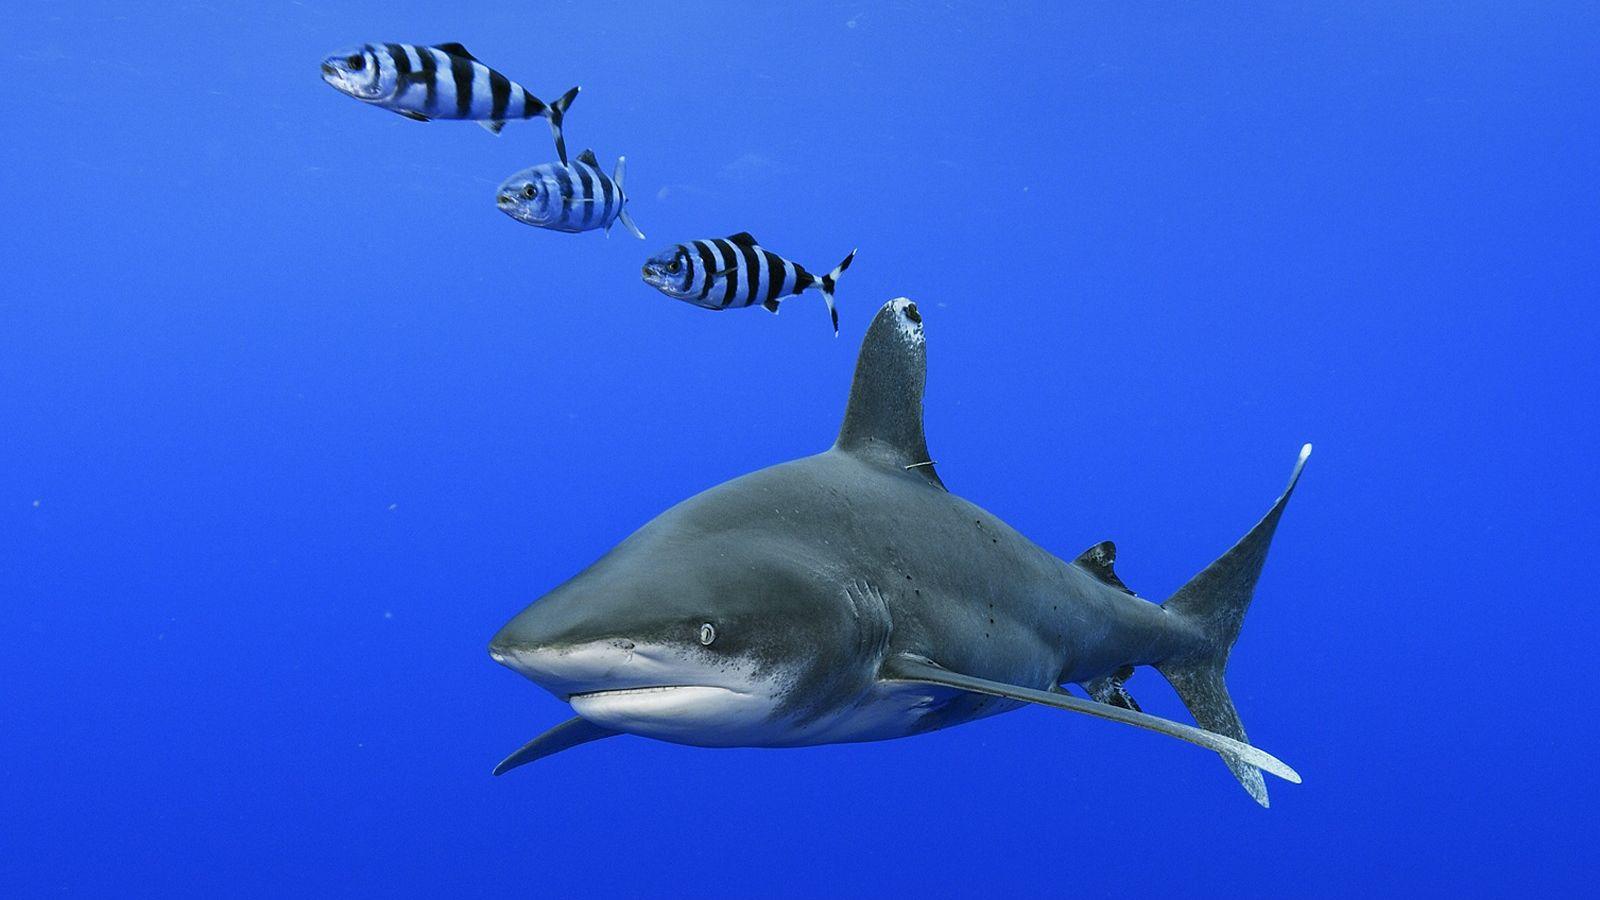 tubarão-galha-branca-oceânico nada próximo às ilhas Cat, nas Bahamas.